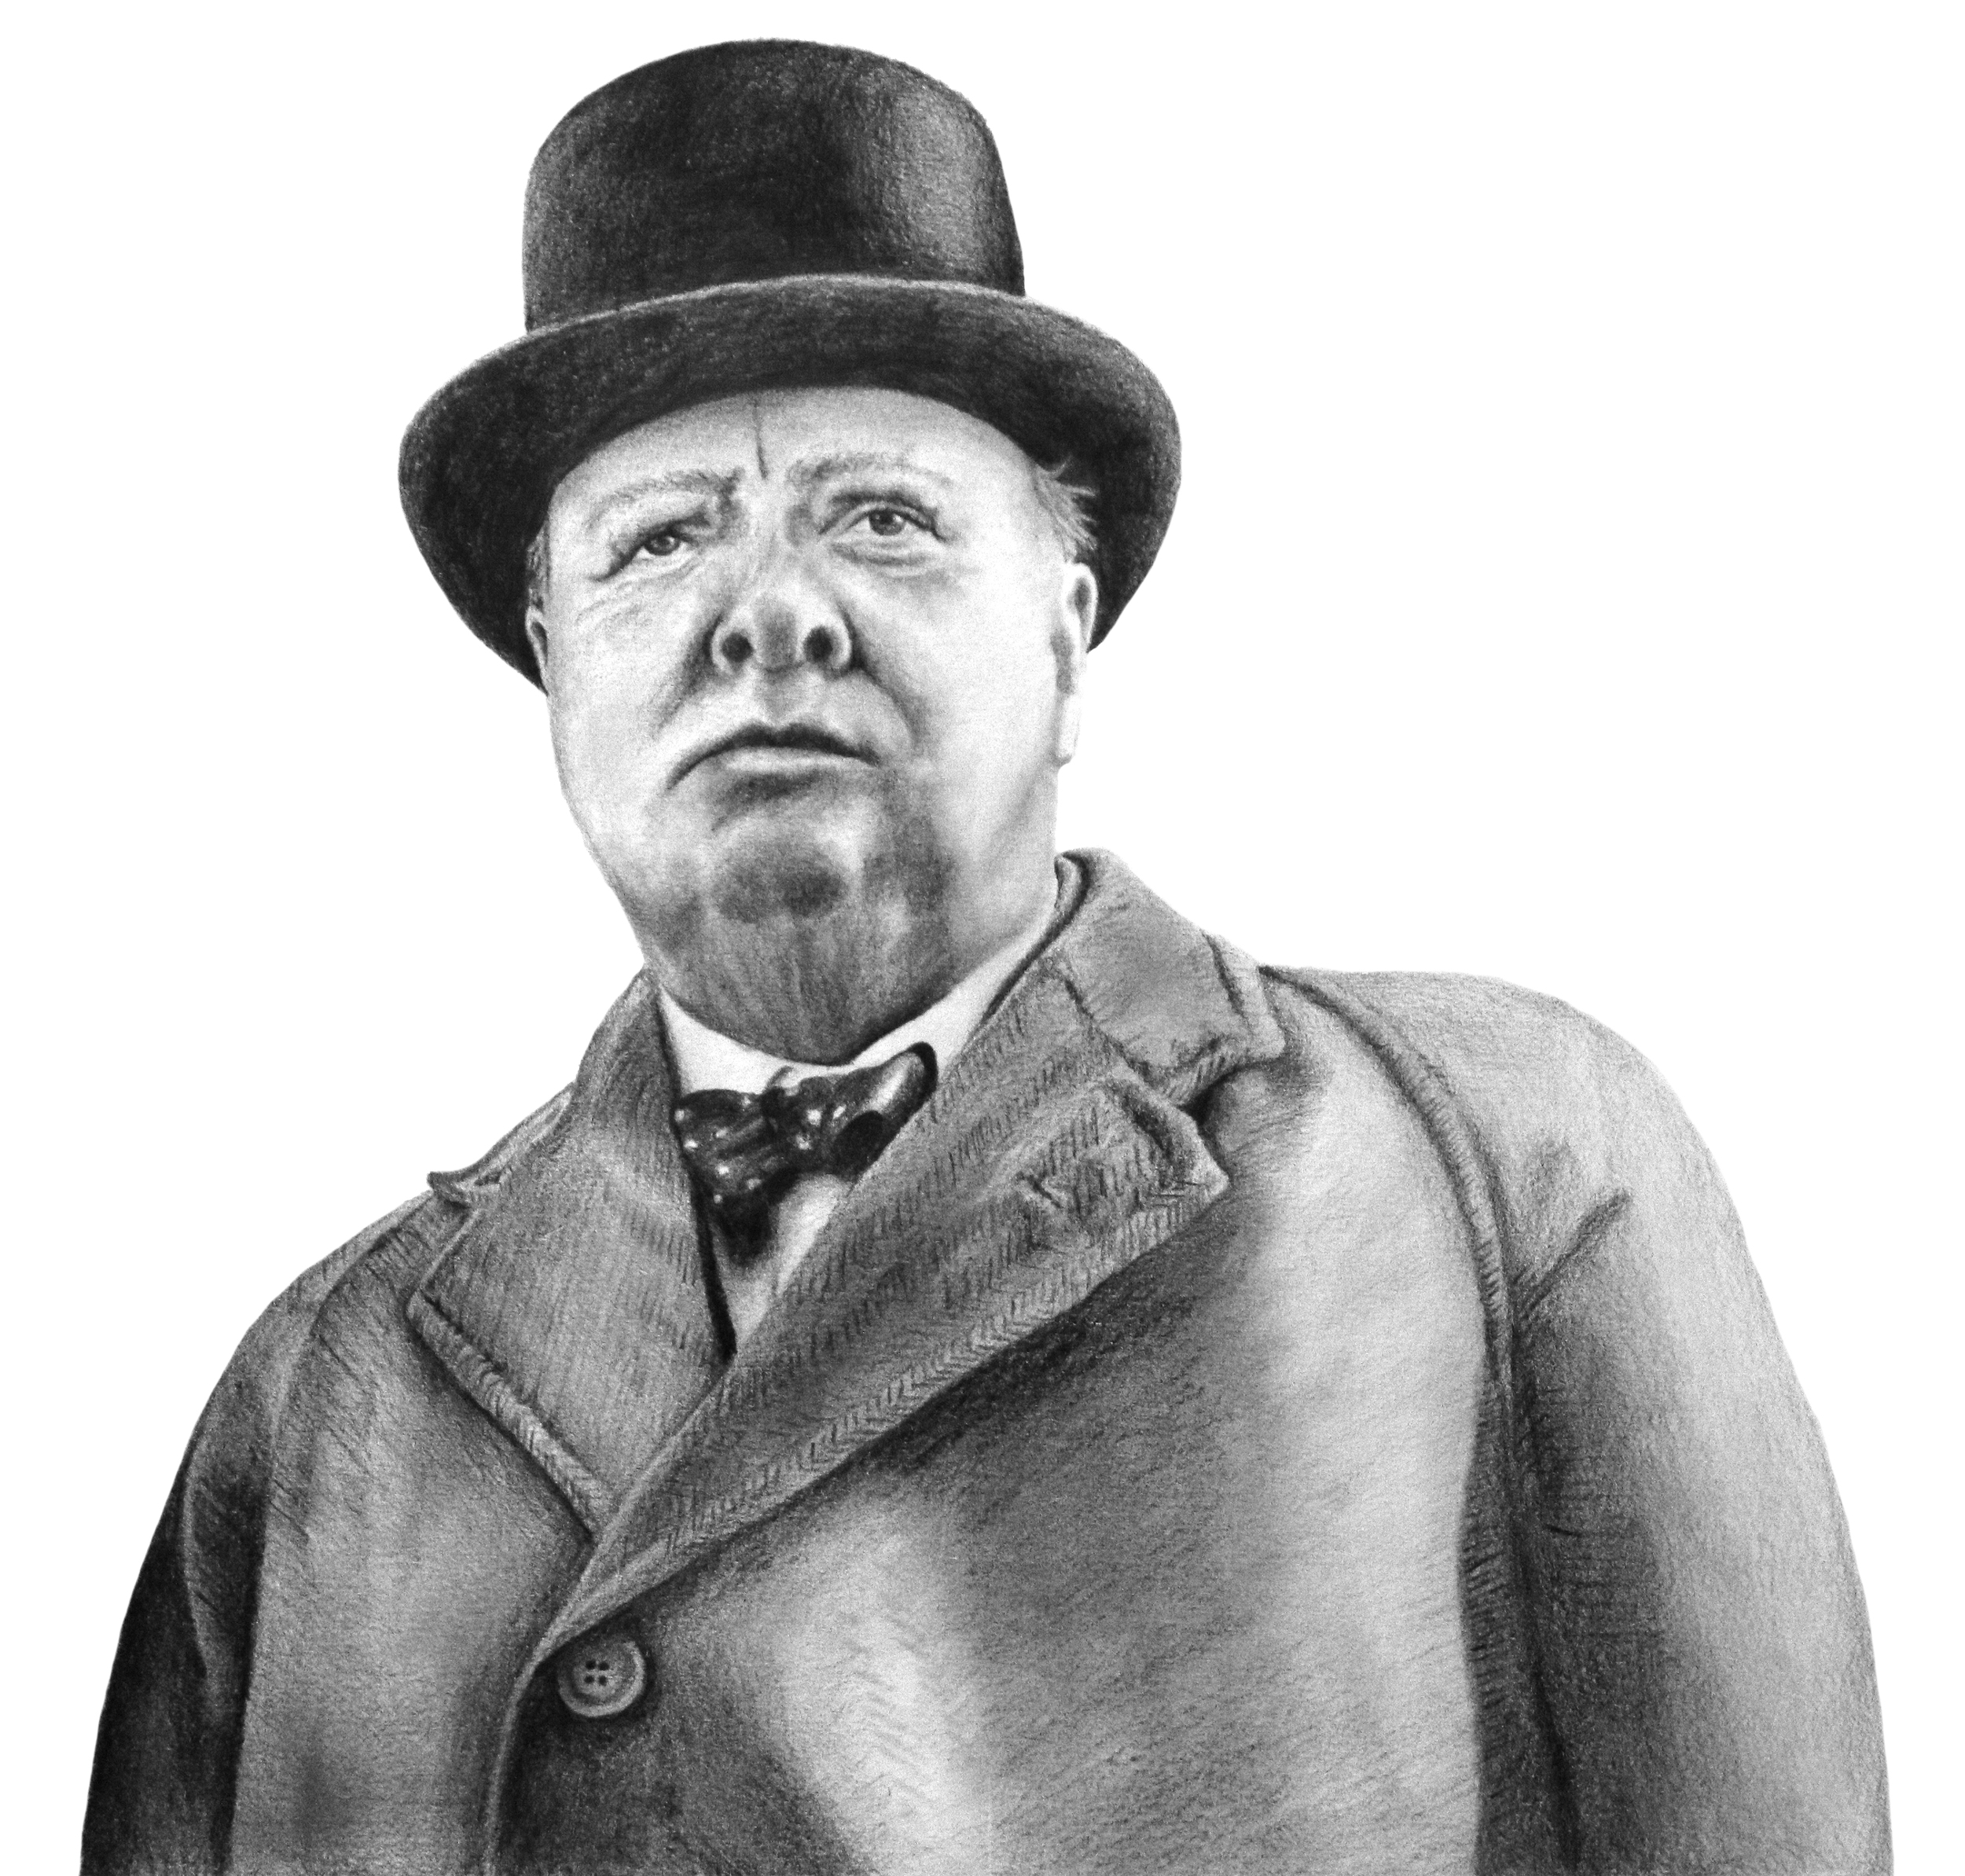 Pencil Illustrations of Winston Churchill